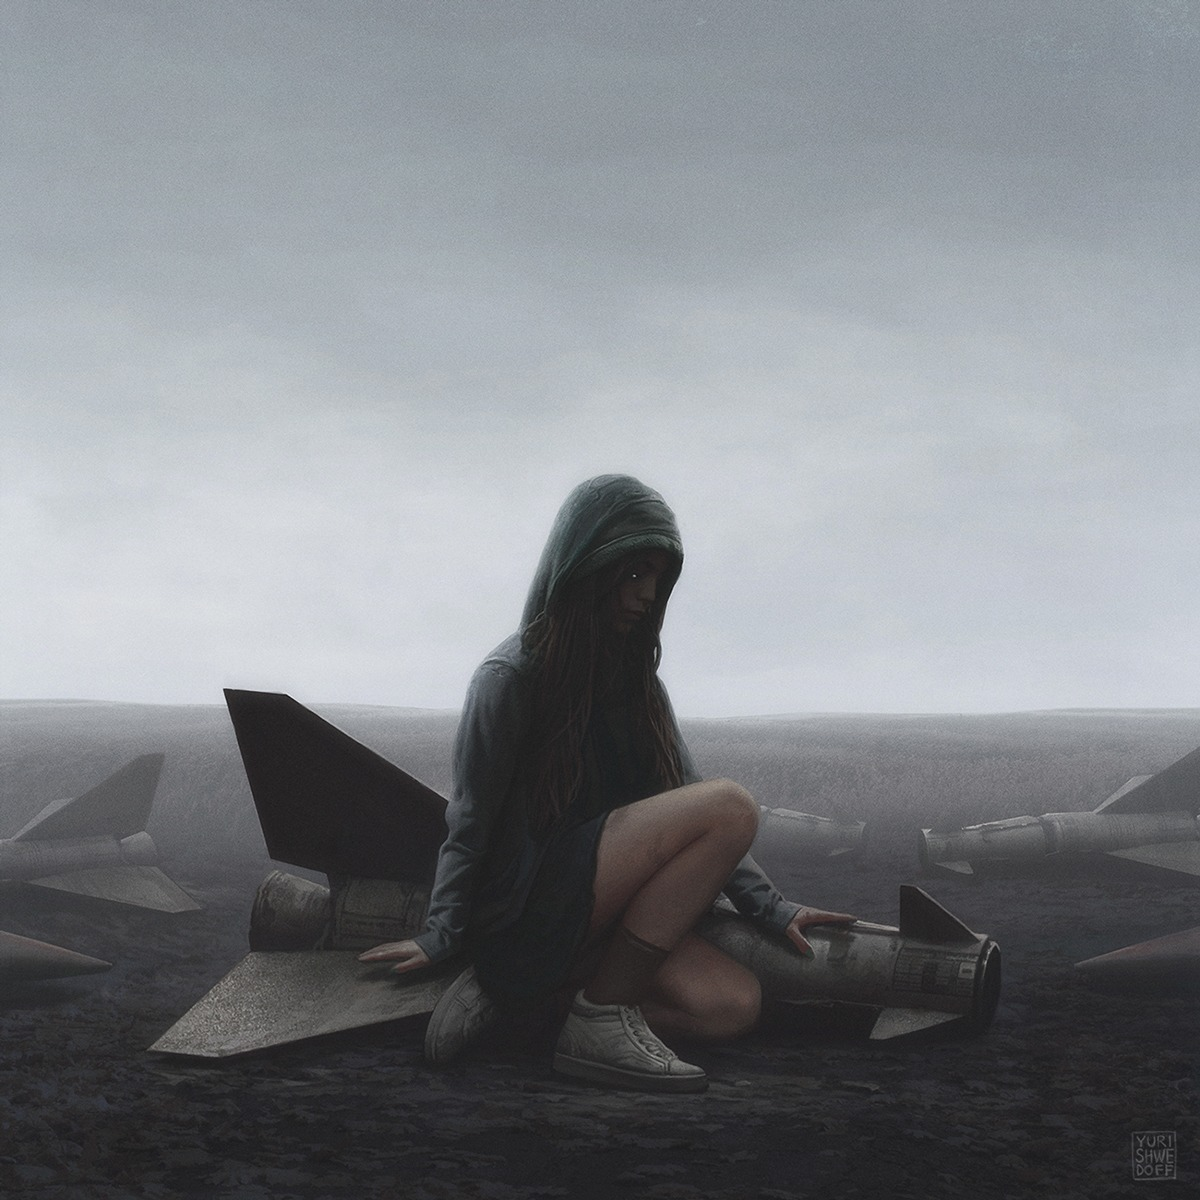 Fallen-Birds-By-Yuri-Shwedoff.jpg